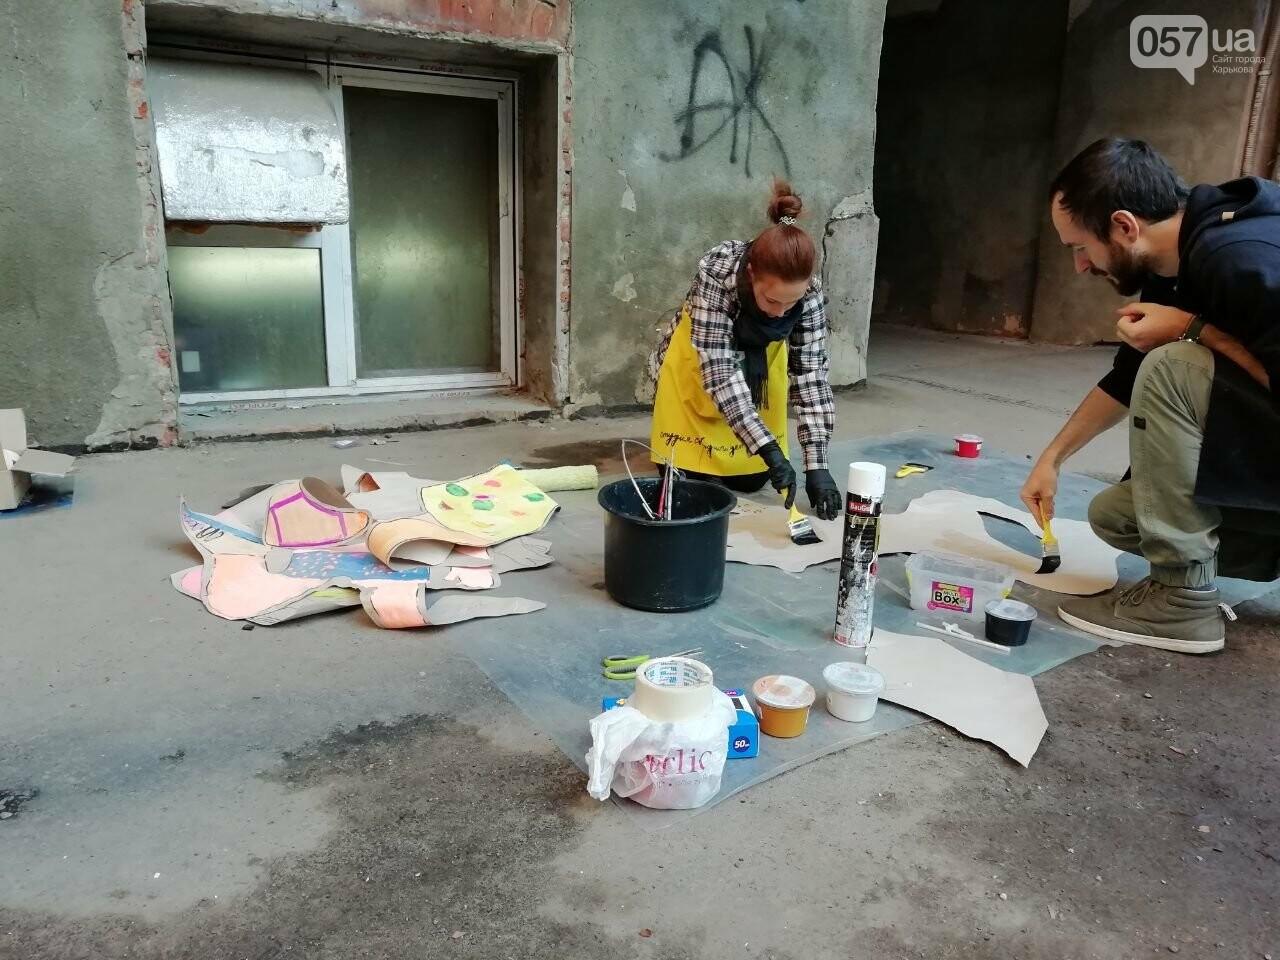 «Город – это мы»: в центре Харькова устроили яркую арт-акцию, - ФОТО, фото-11